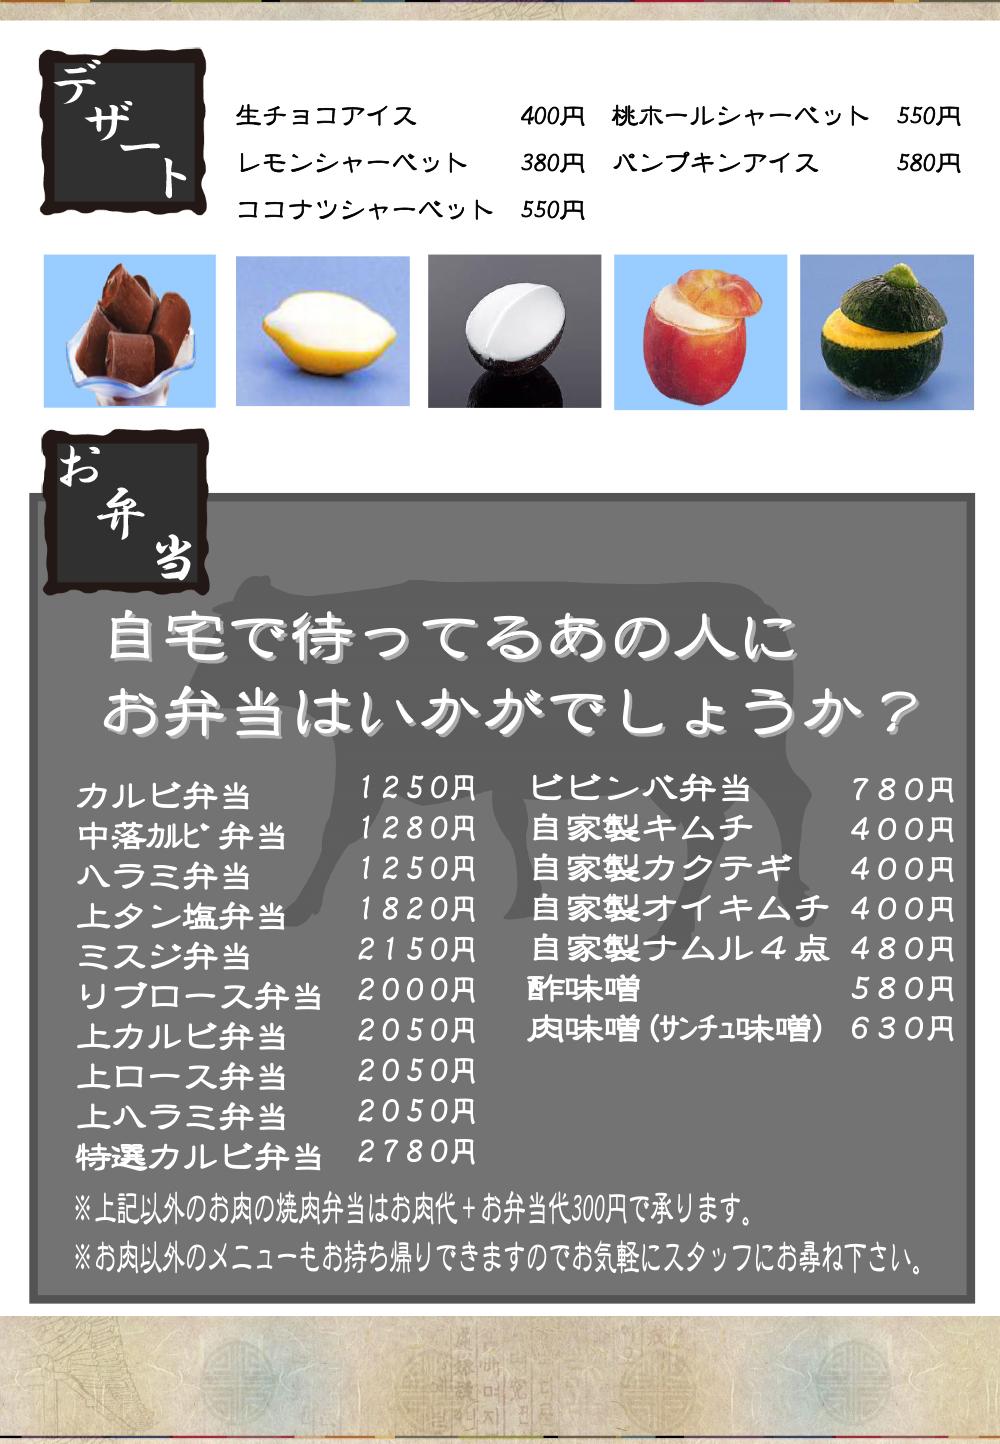 浦安店 ご飯・スープ等メニュー2